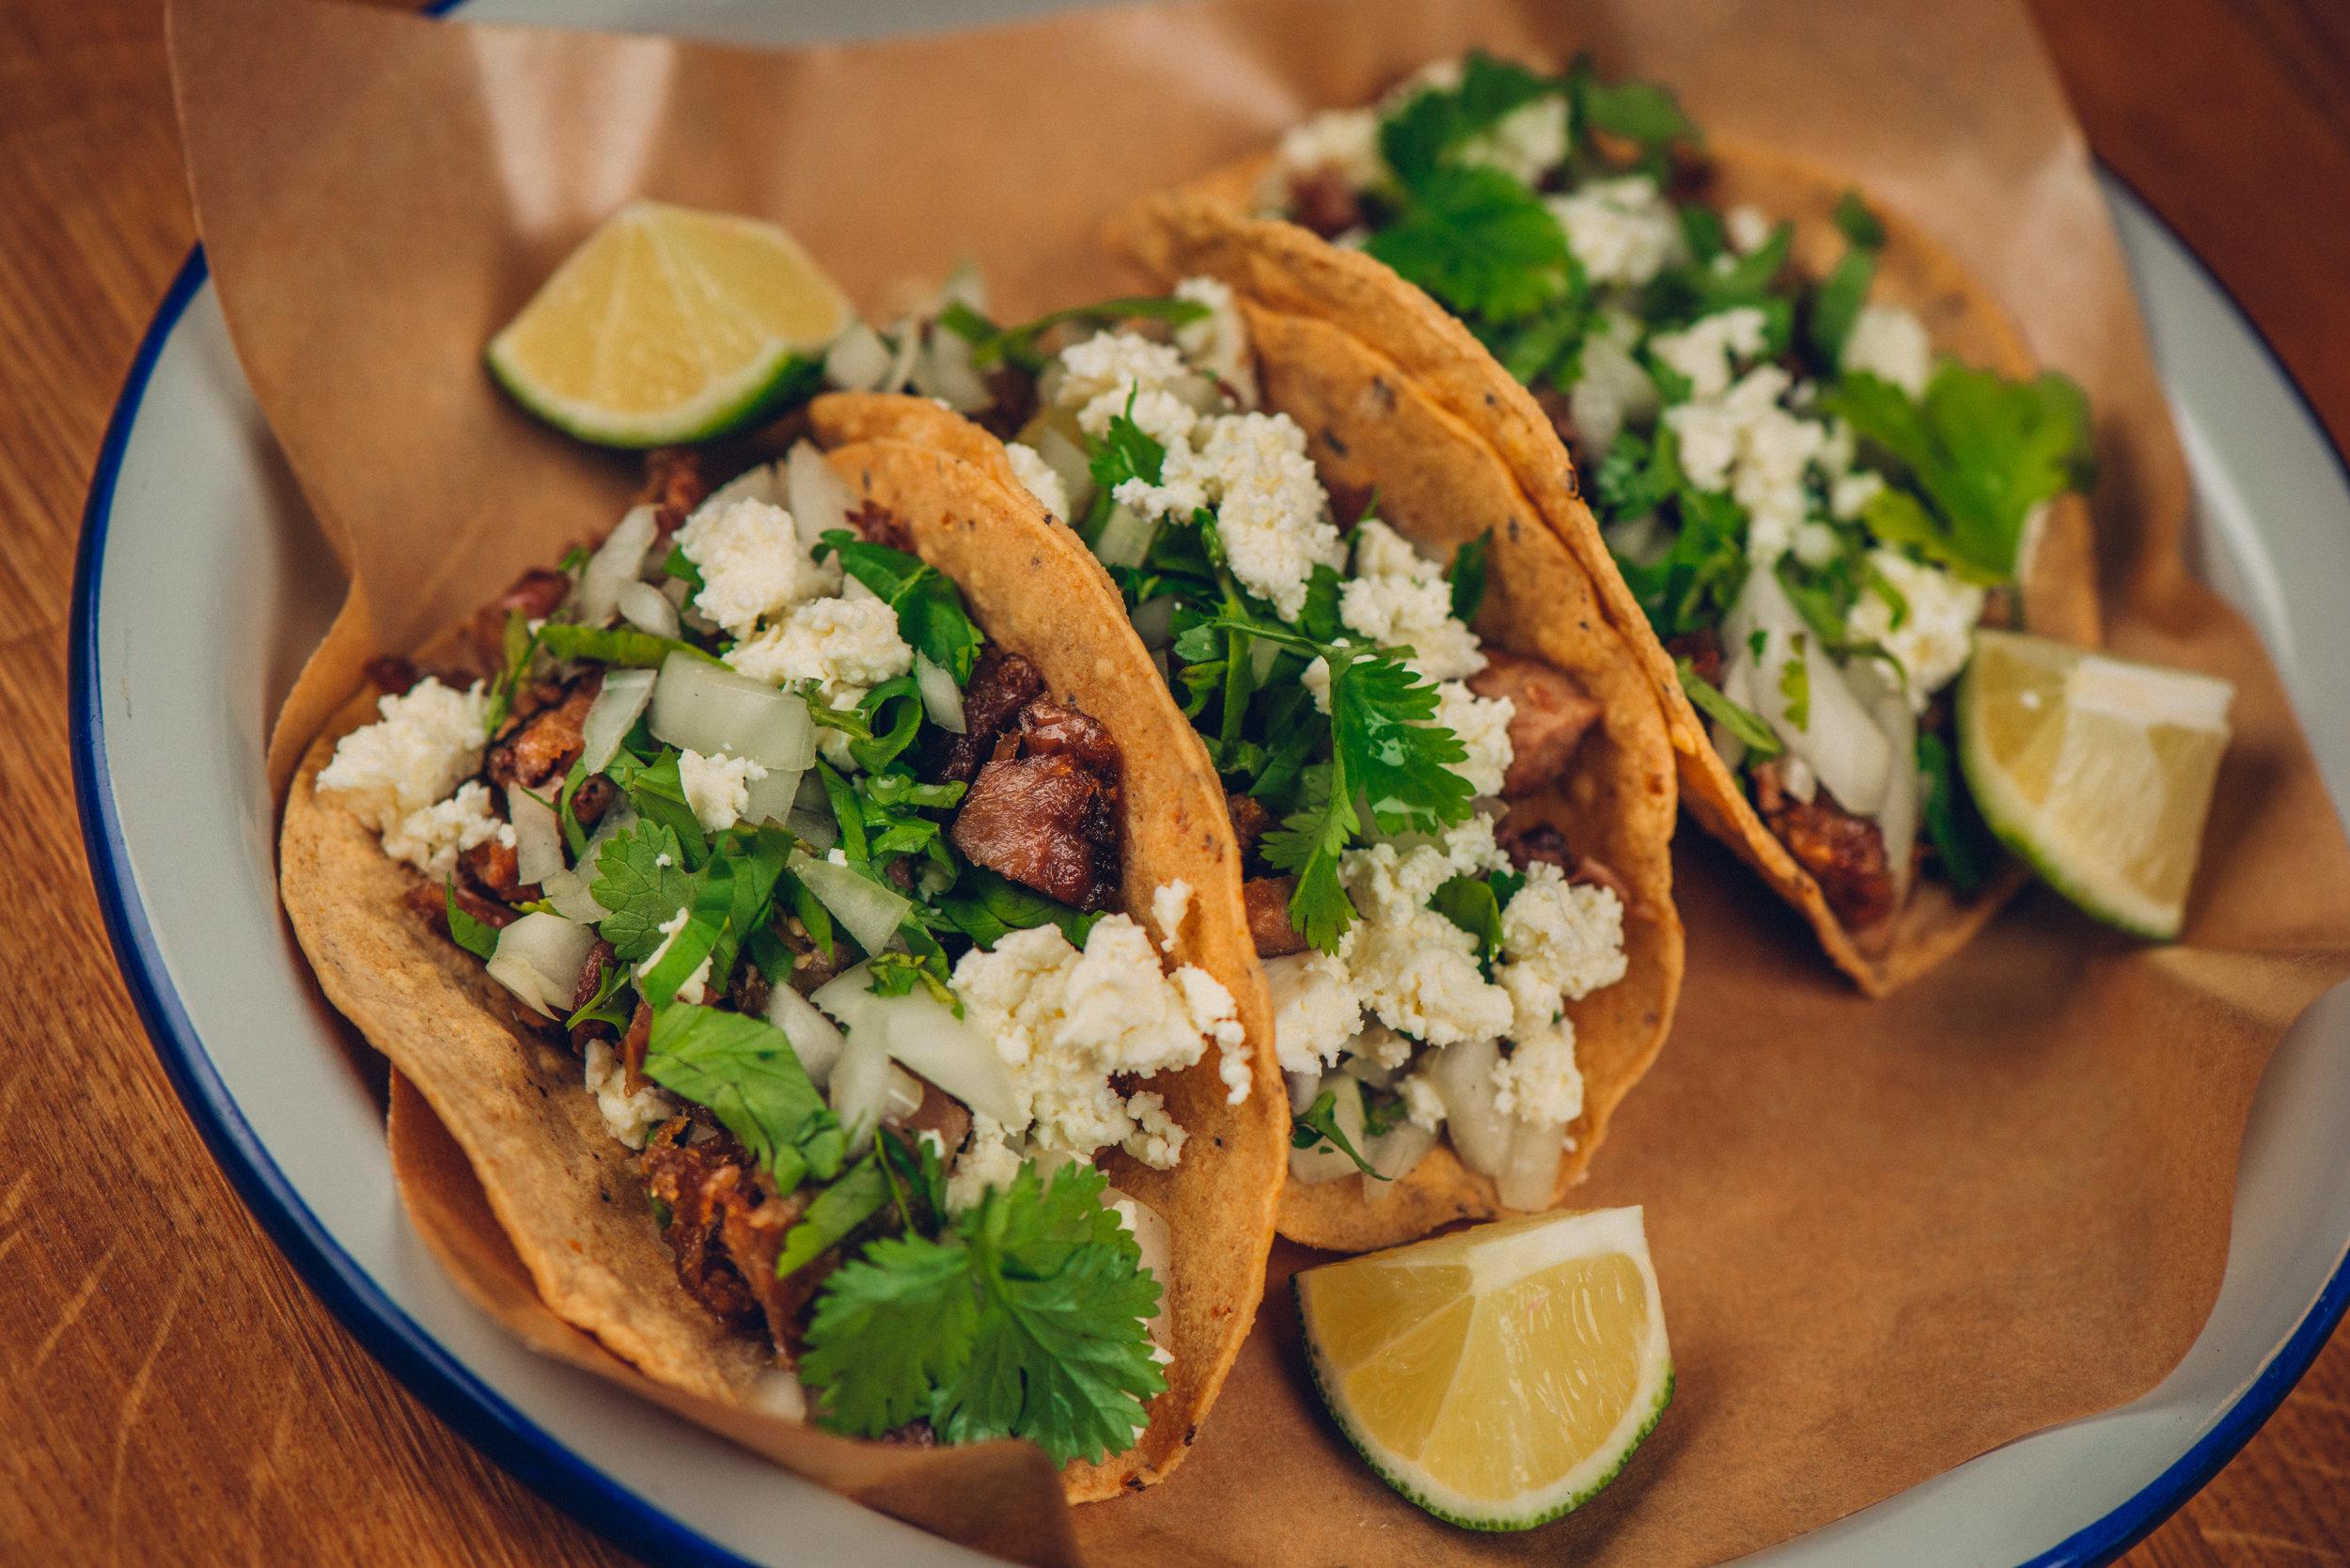 Ukens taco  Vi finner sesongens perfekte råvarer og lager en spennende ny taco hver uke. Her kan du få testet smaksløkene og få øynene opp for nye ingredienser eller tilberedningsmetoder. Vi gir deg en mexikansk følelse!